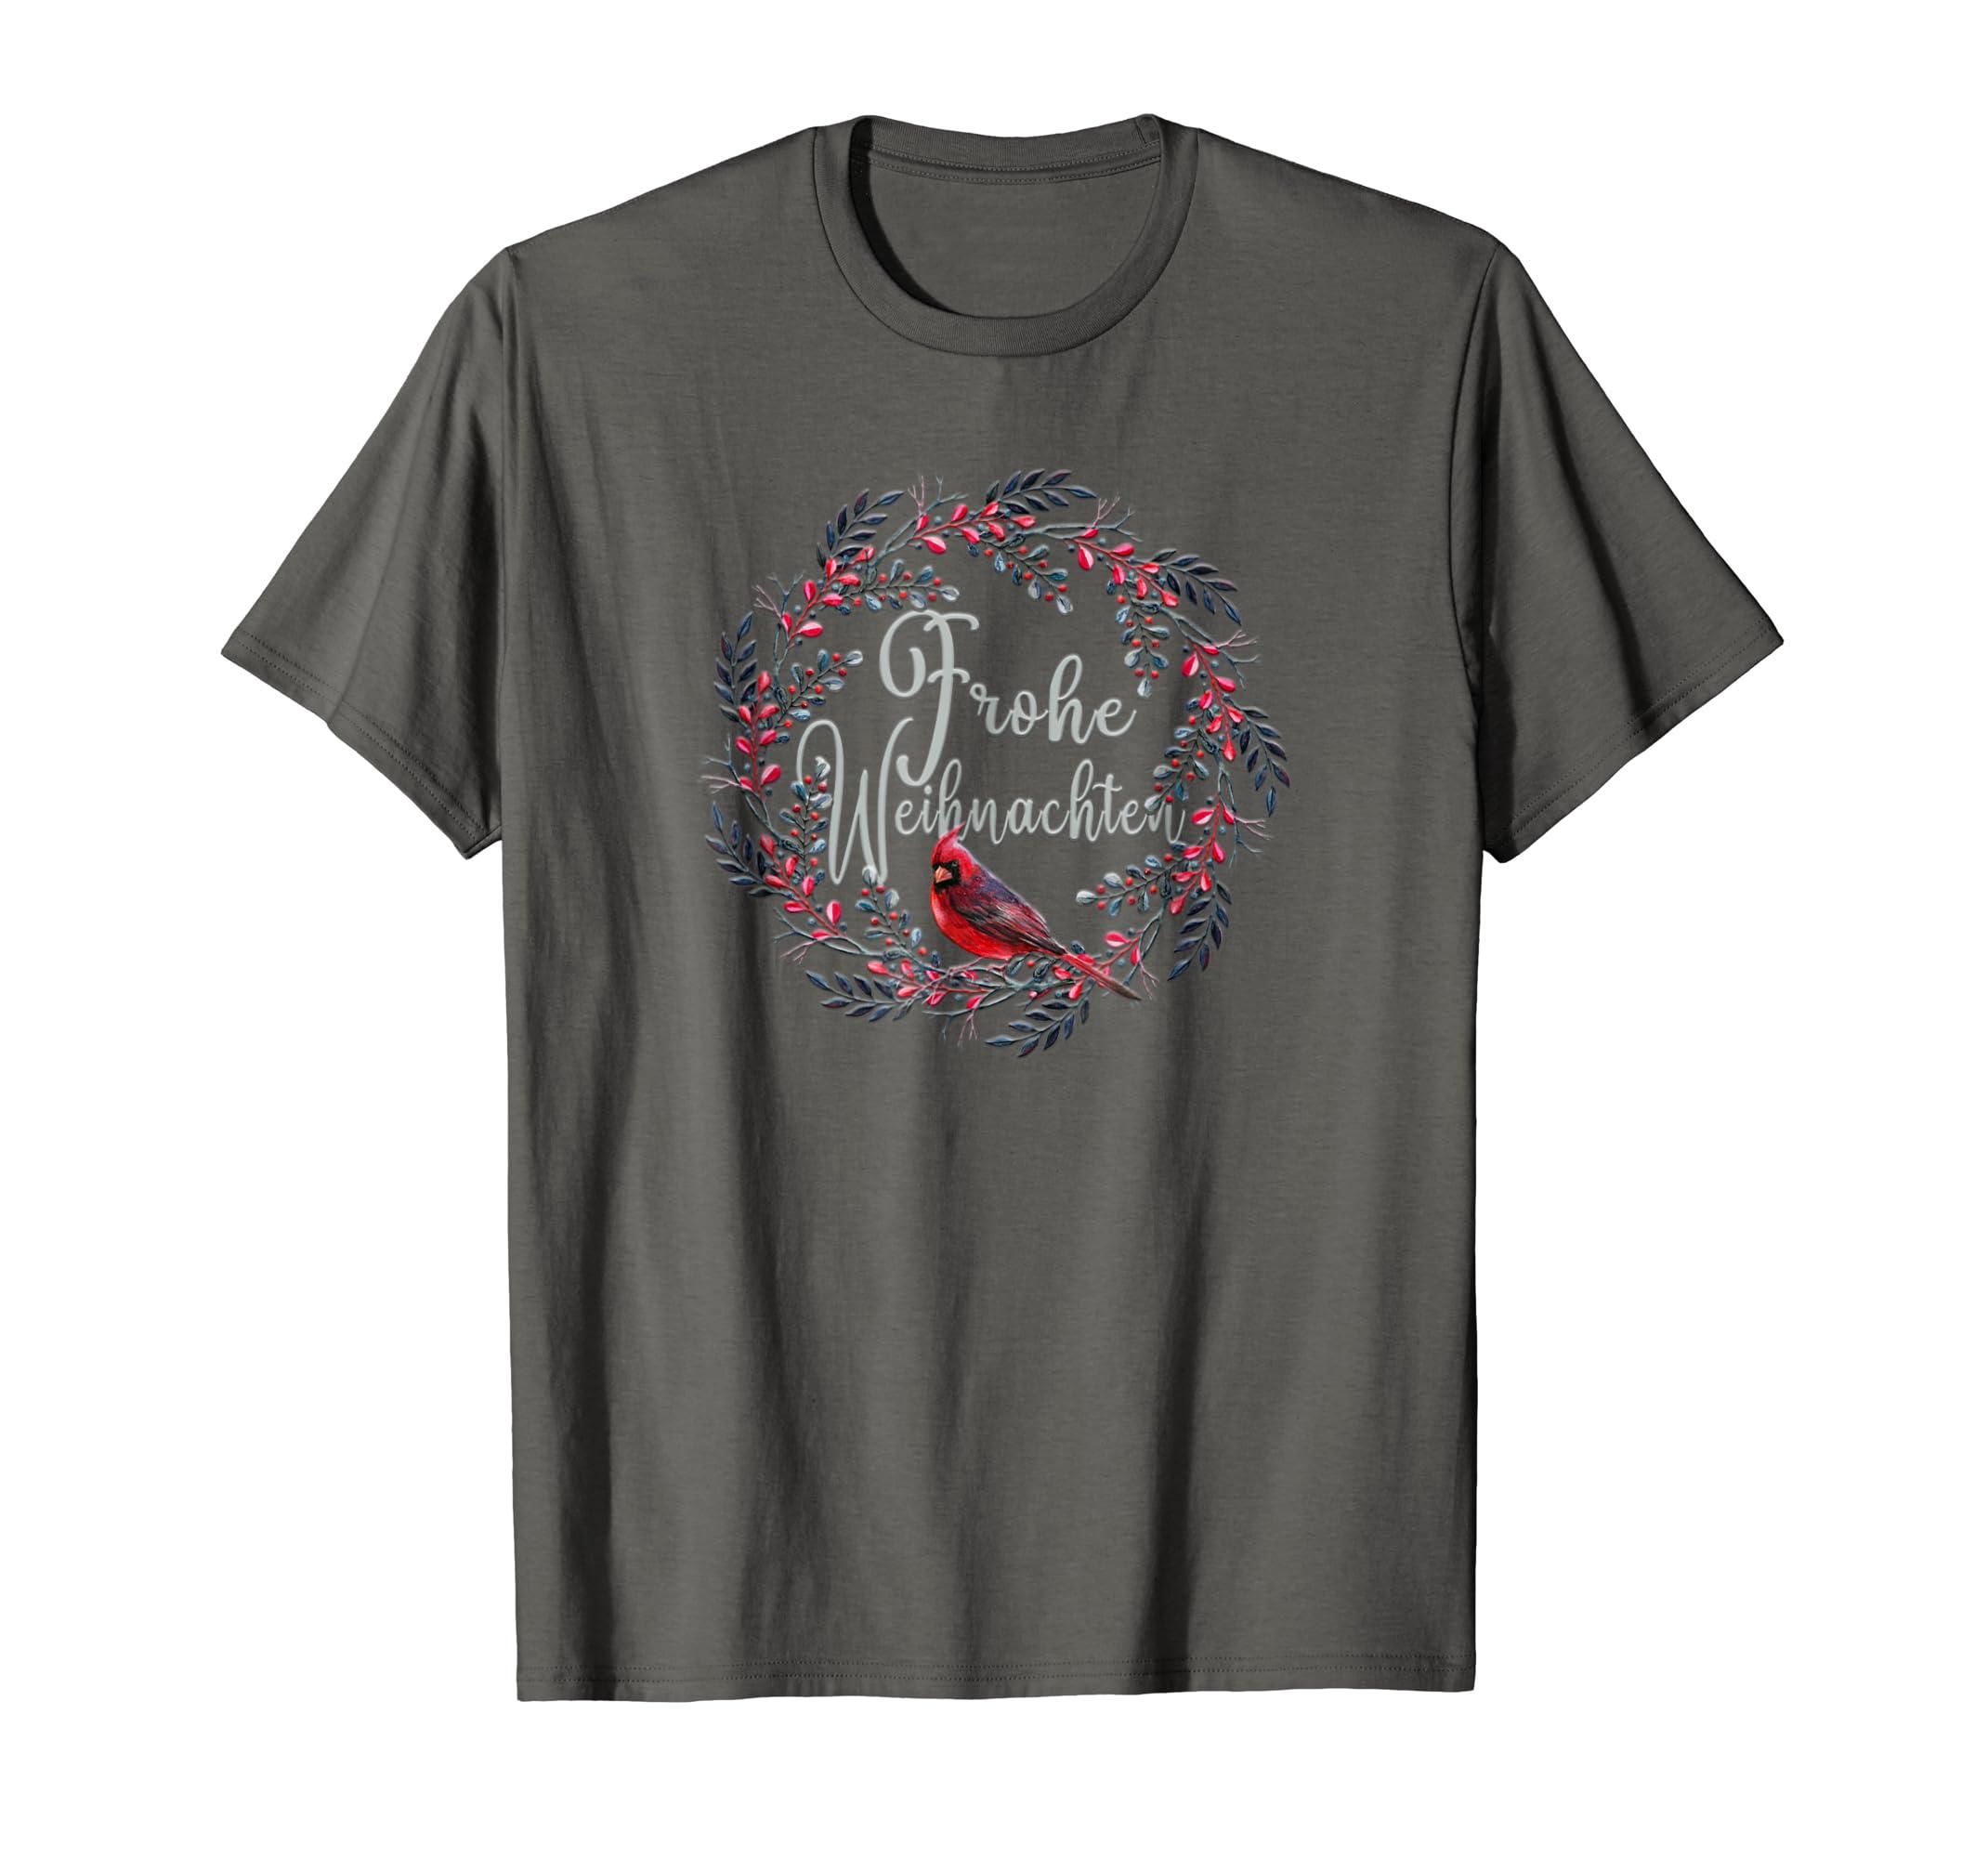 T Shirt Weihnachten.Amazon Com Frohe Weihnachten Merry Christmas German Cardinal T